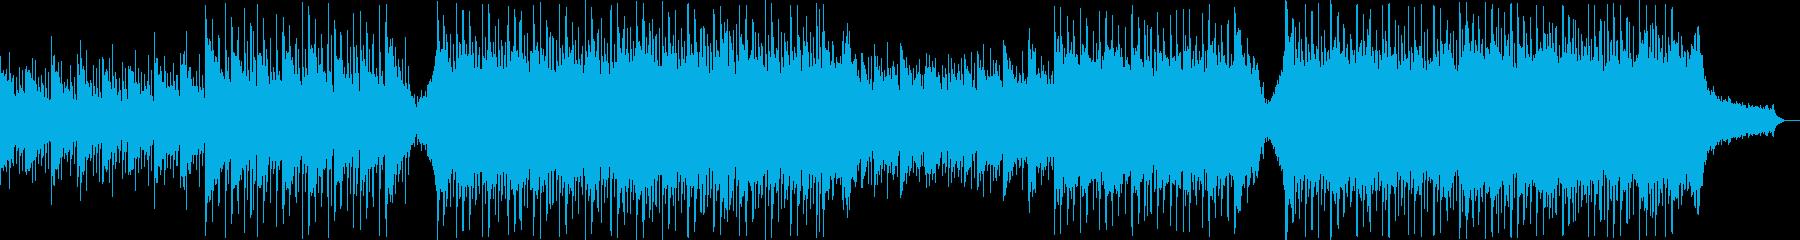 現代の企業PVに流行のコーポレート楽曲の再生済みの波形